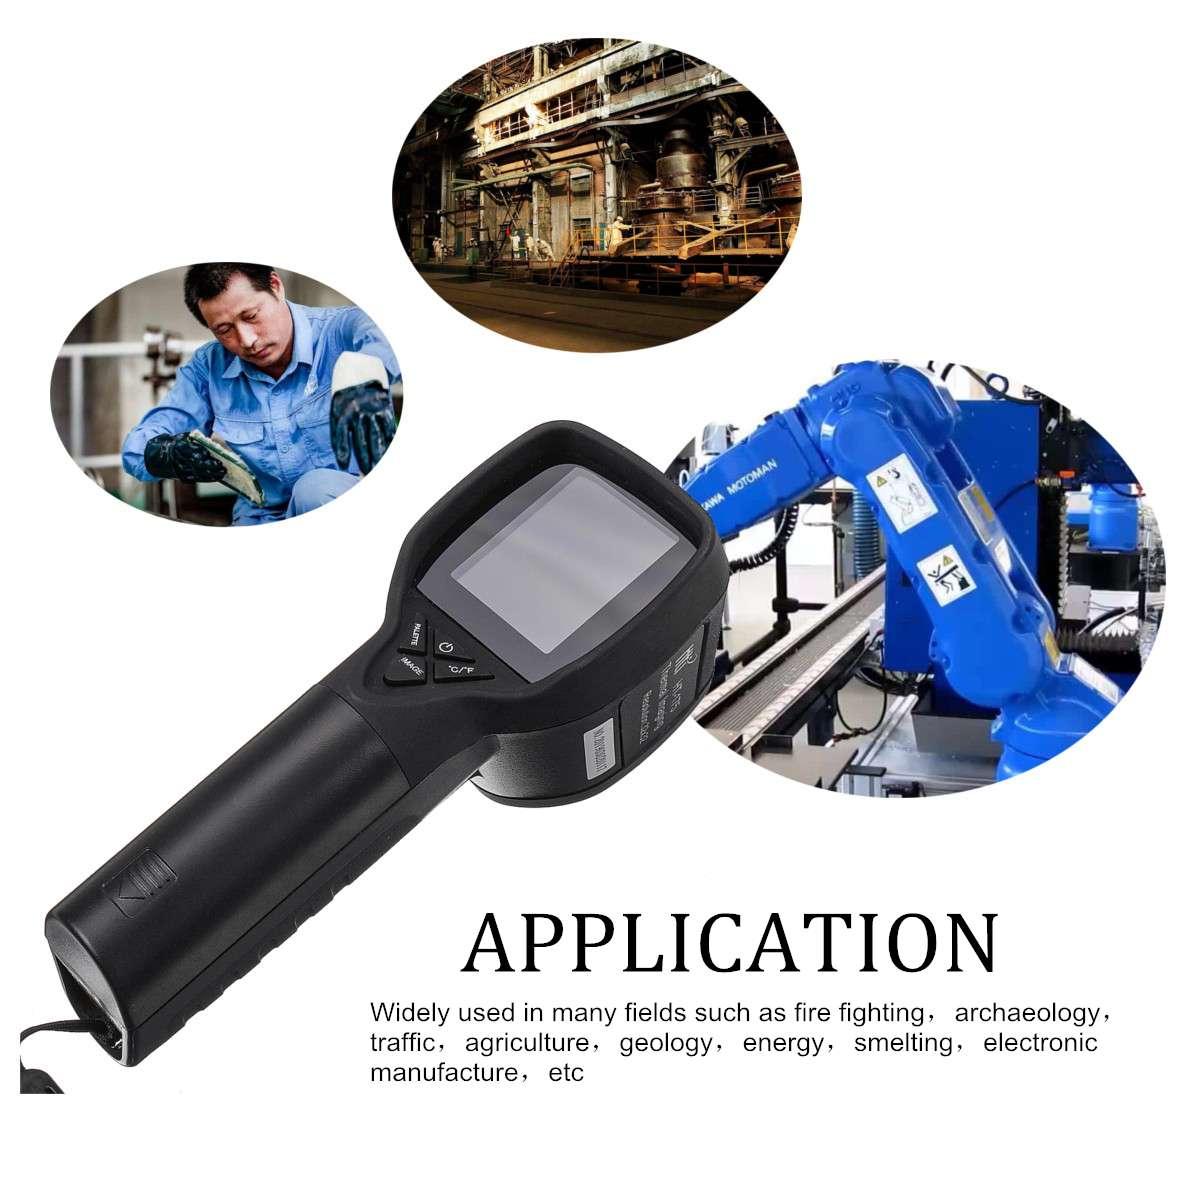 1089P caméra d'imagerie thermique infrarouge portable IR imageur thermique infrarouge affichage numérique haute résolution infrarouge